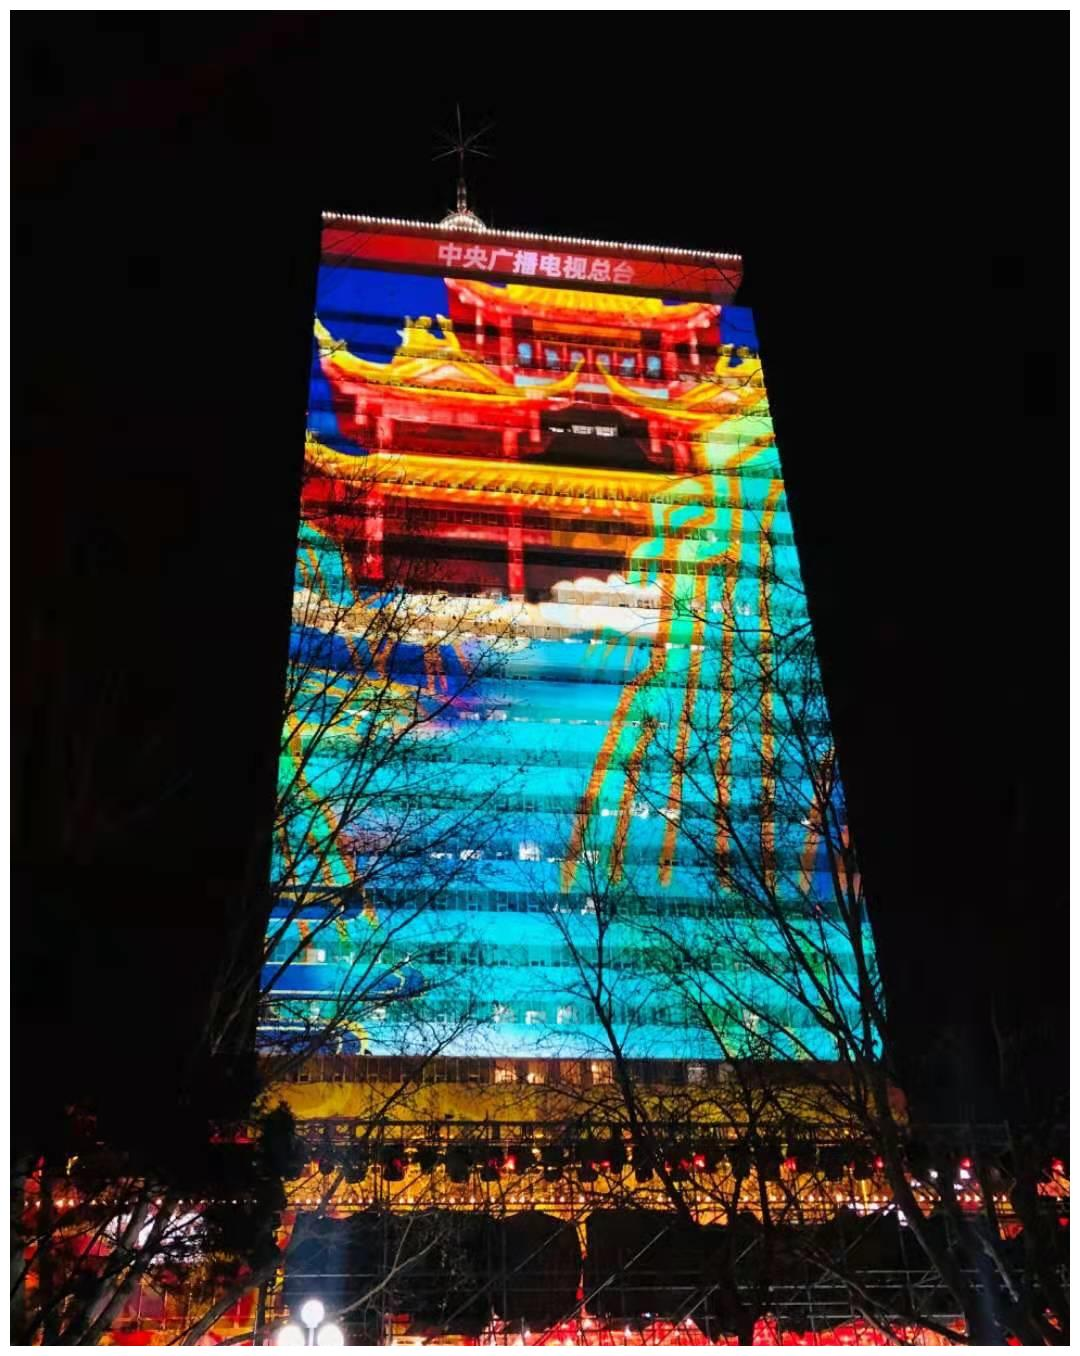 中央电视塔灯光秀春节期间华丽开启,带您看看不一样的中央电视台